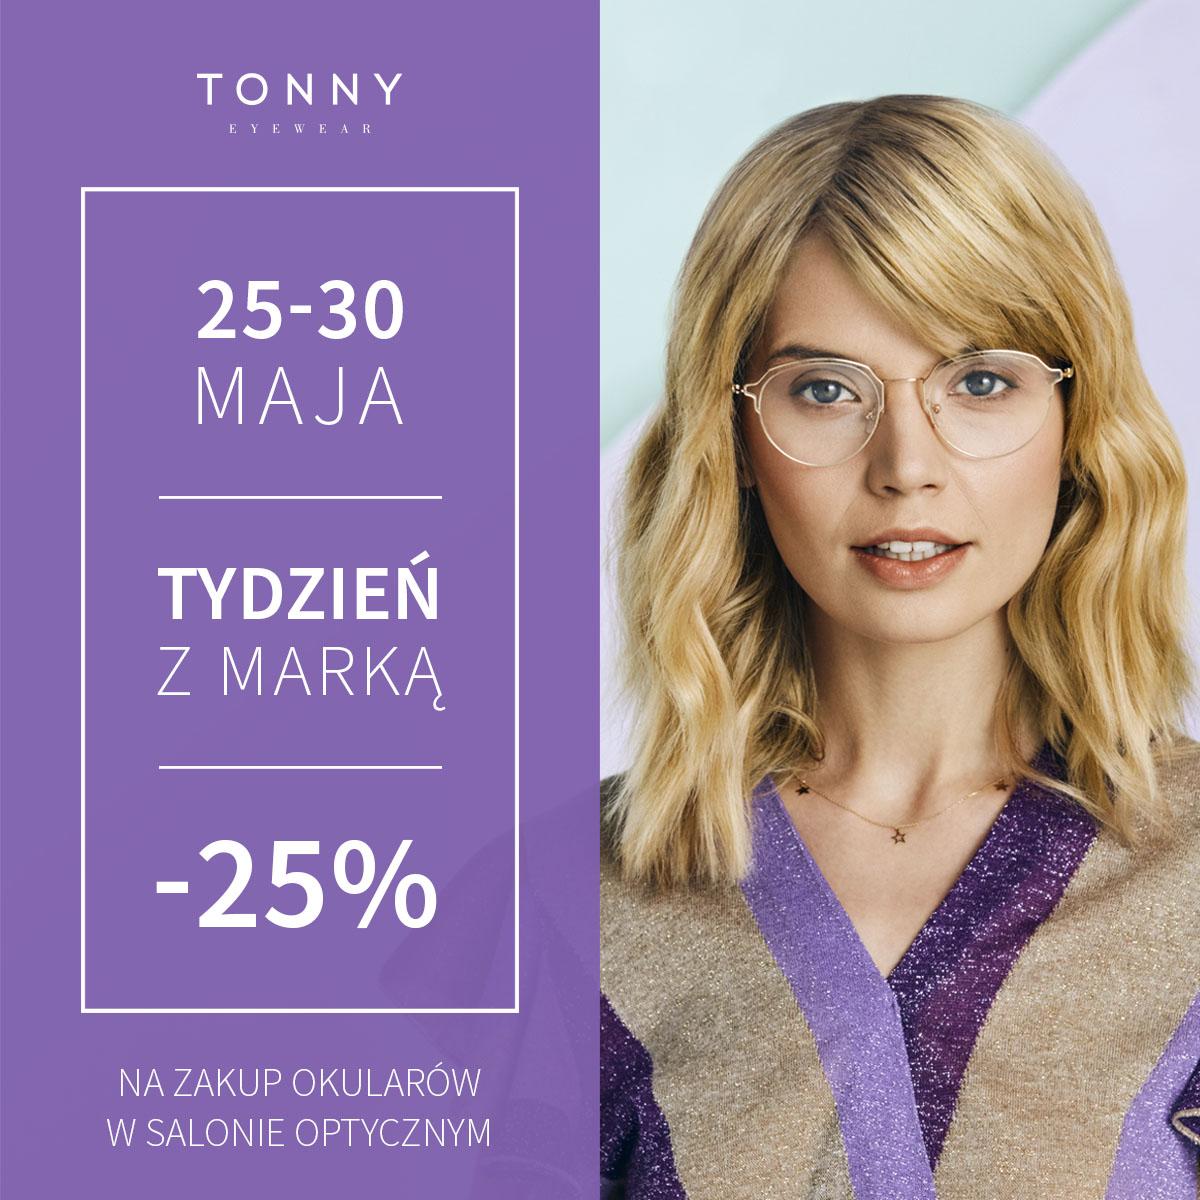 Tydzień w dobrym stylu z marką TONNY w salonach Optyk Kierszniowski! 25-30 maja. Przyjdź, skorzystaj!